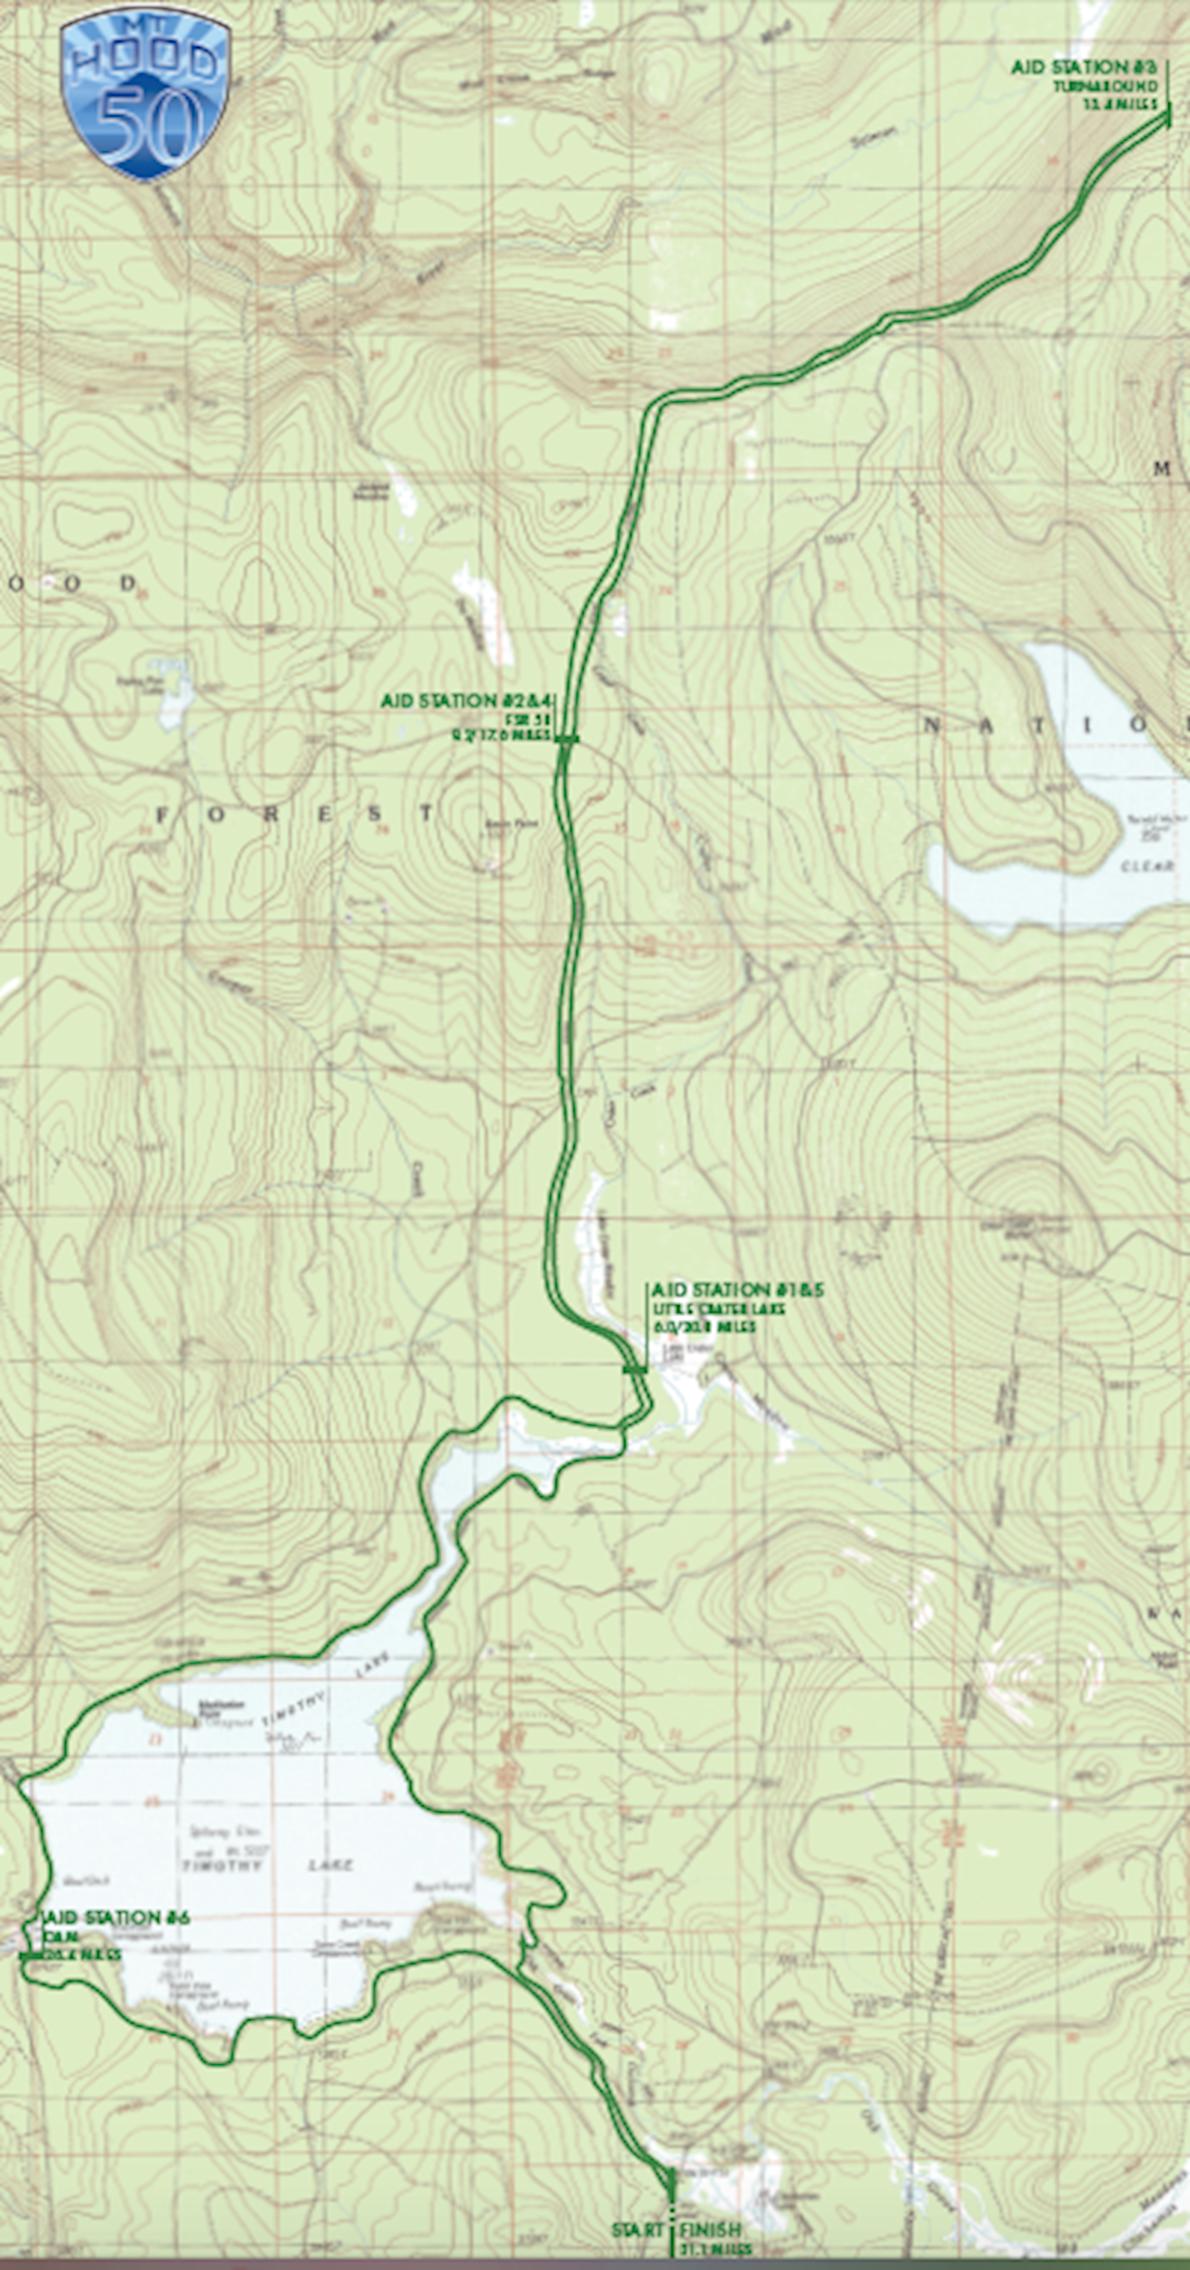 Mt. Hood 50km MAPA DEL RECORRIDO DE